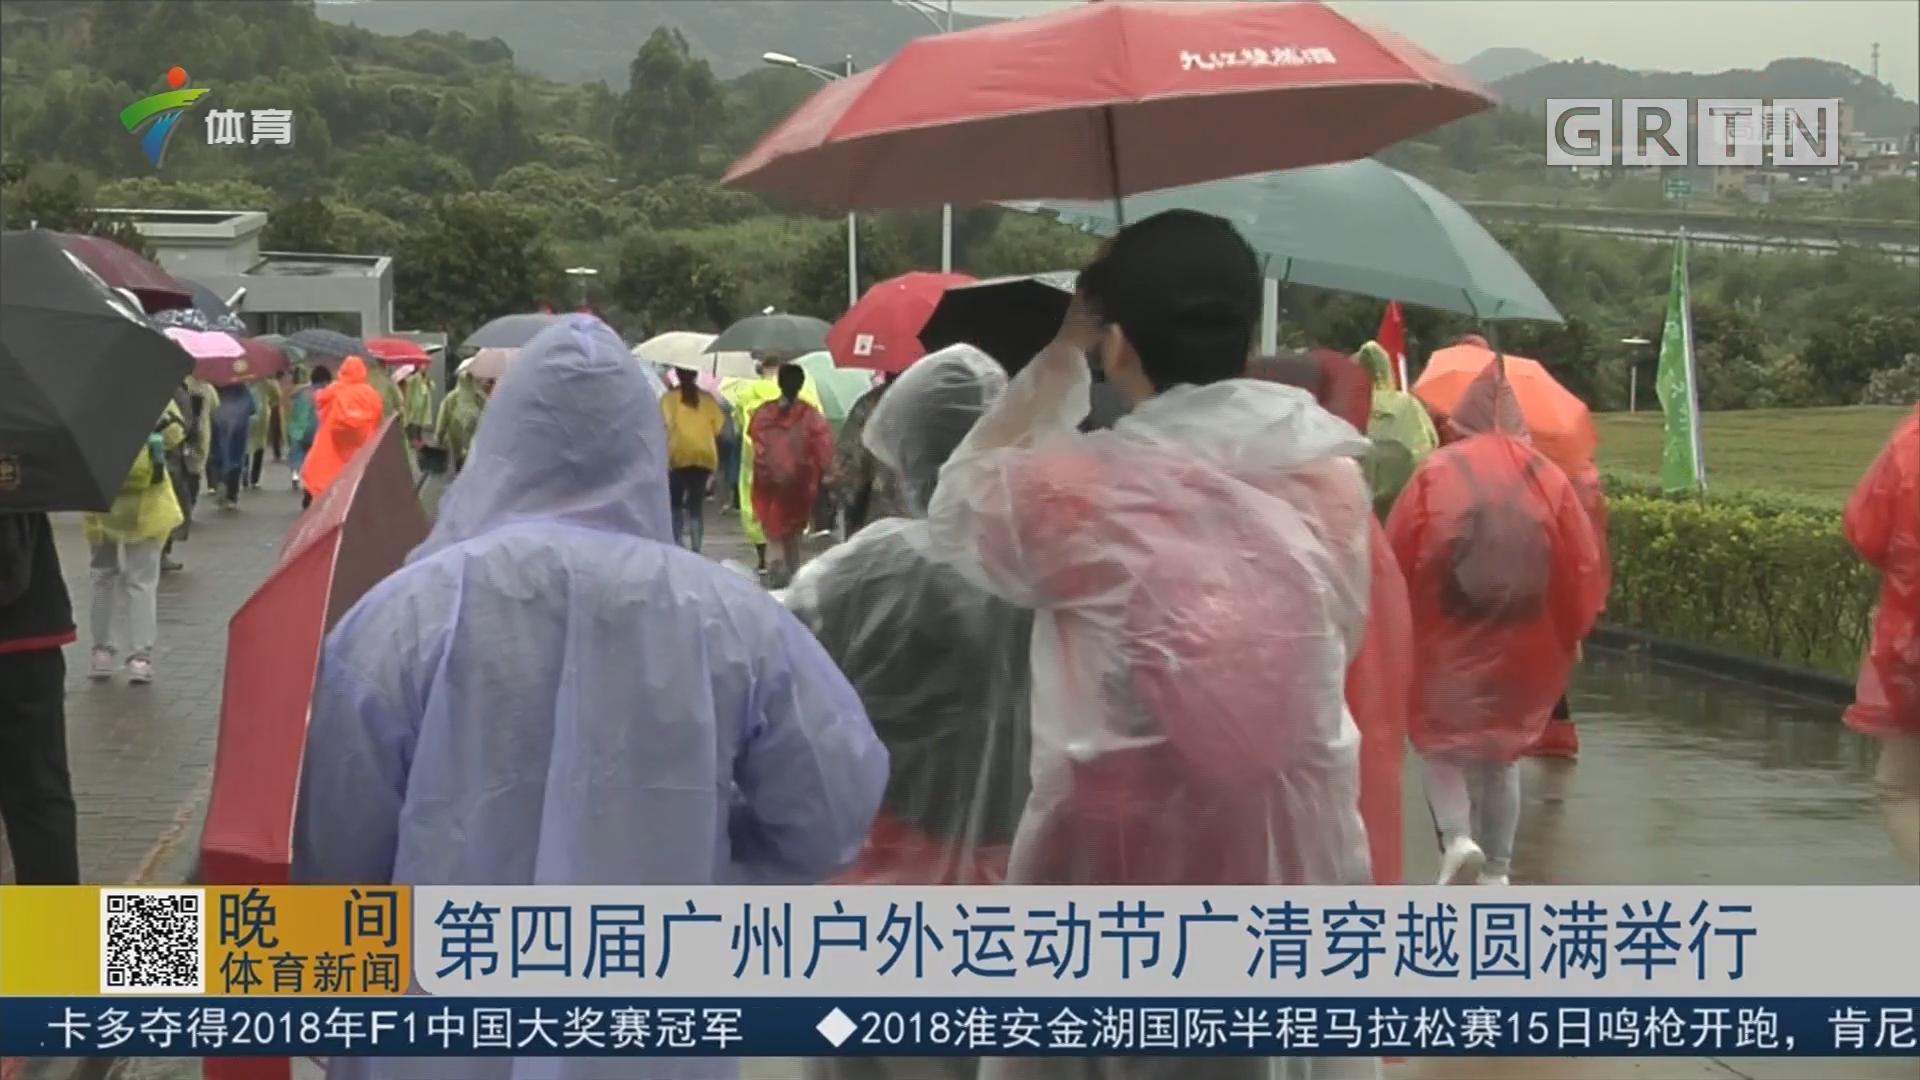 第四届广州户外运动节广清穿越圆满举行